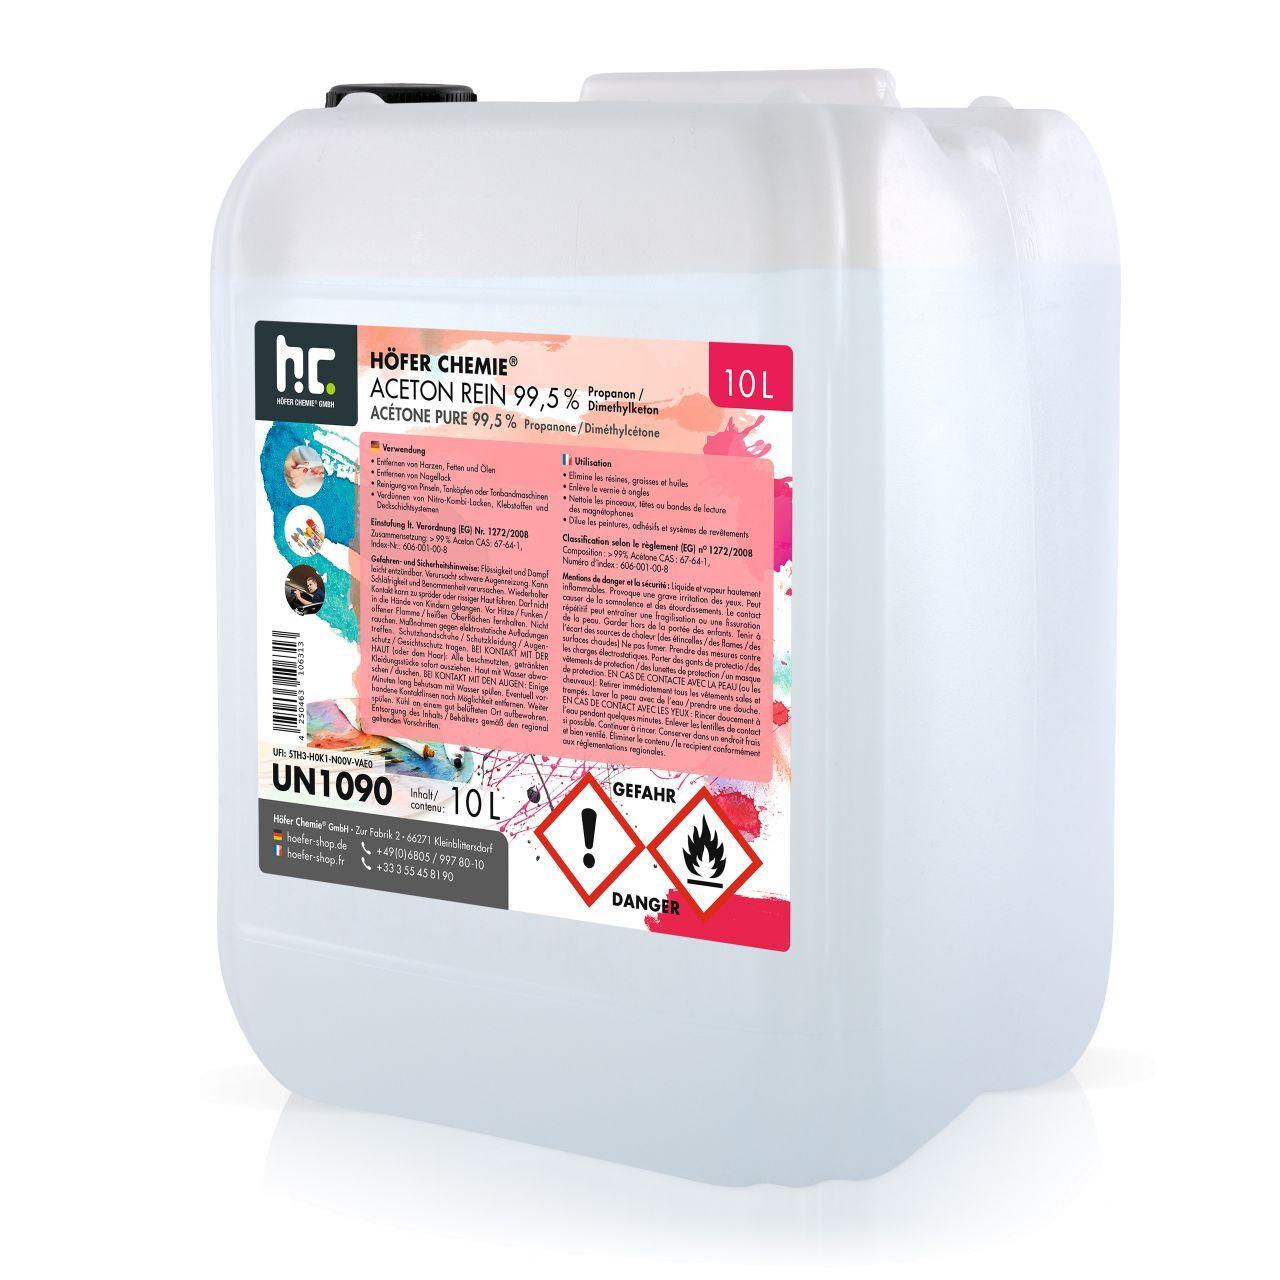 Höfer Chemie 10 l Acétone pur 99,5% (1 x 10 l)